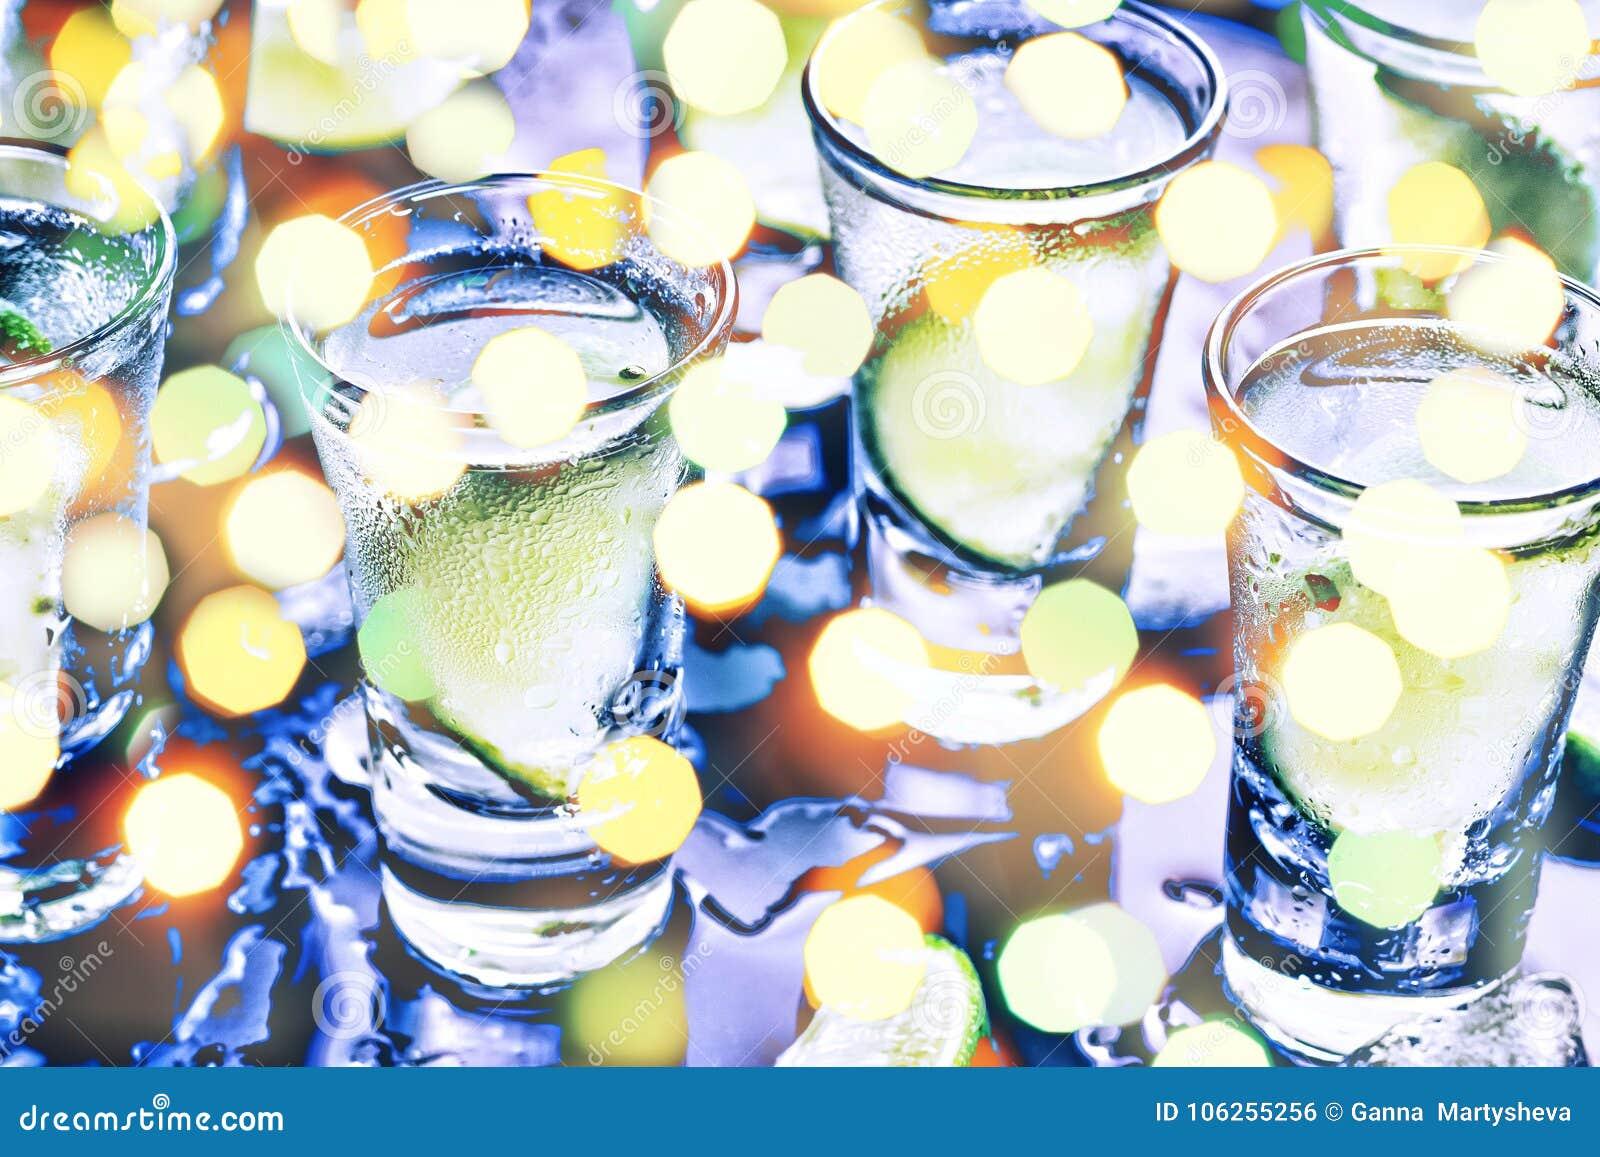 Eine Partei im Verein Cocktails auf der Bar alcohol Wodka, Gin, Tequila mit Eis und Kalk Alkoholisches Cocktailcocktail vorgewähl